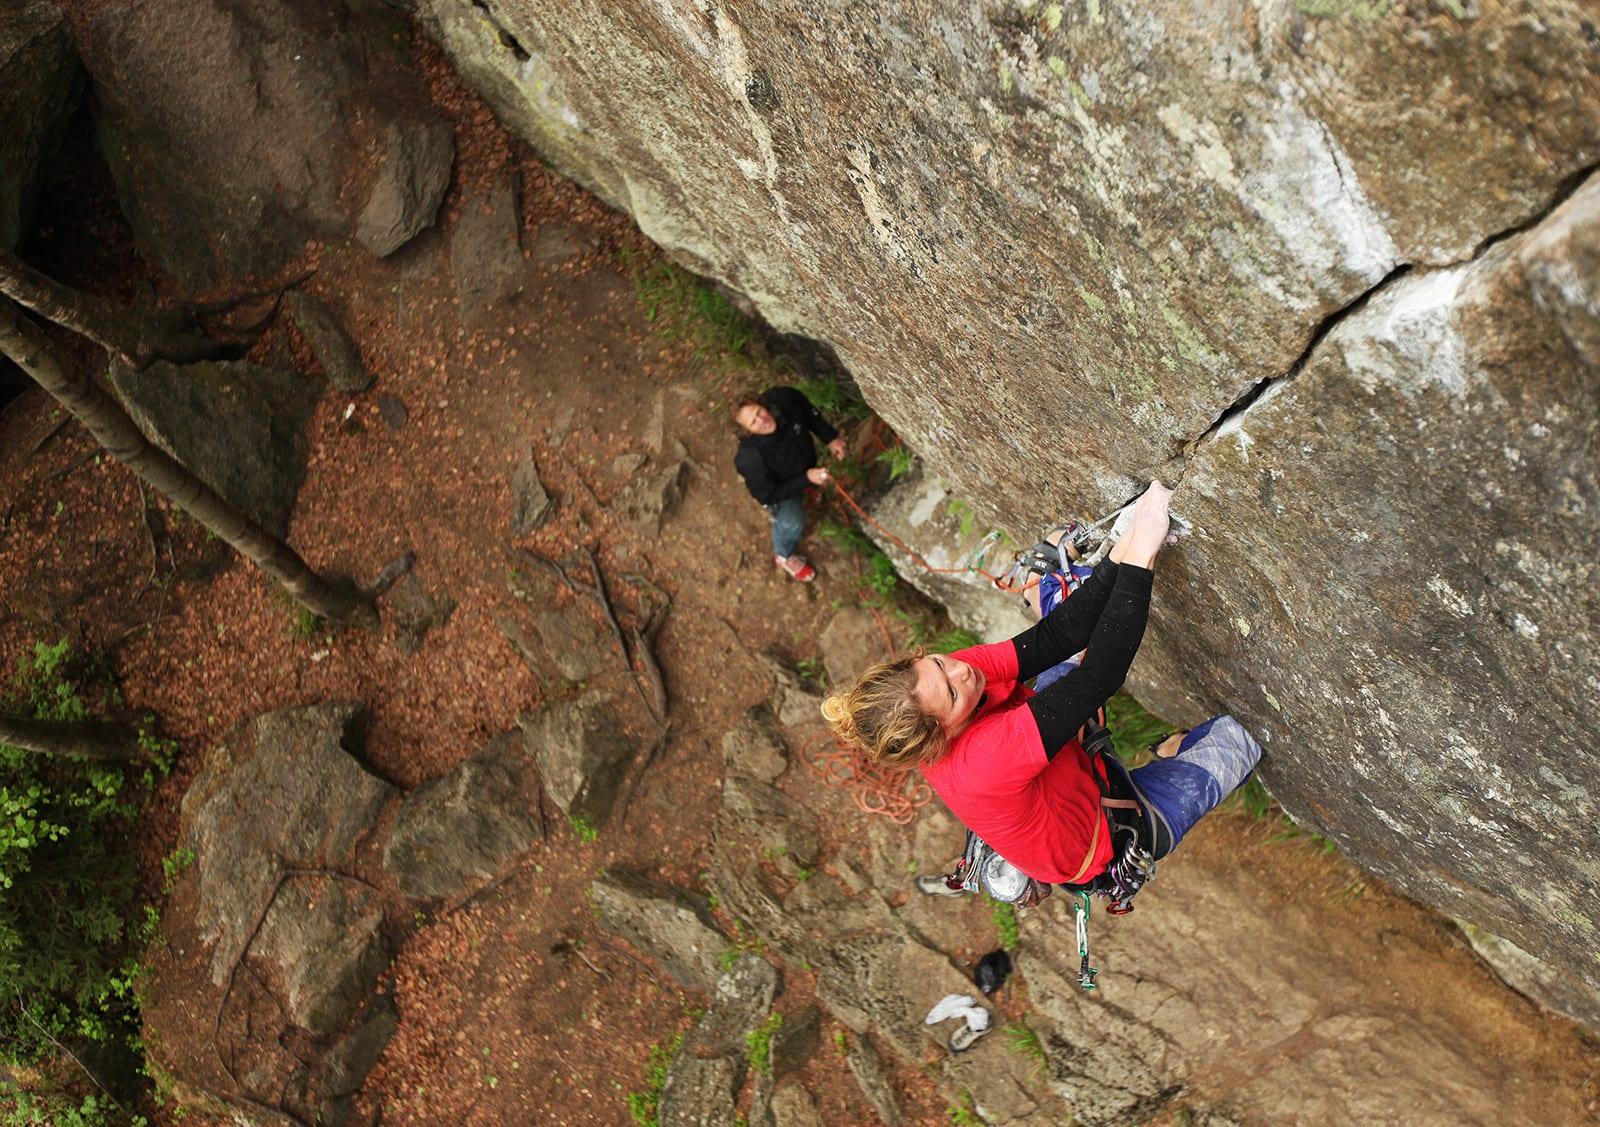 SNAKKISEN: En ren linje som er elsket av mange klatrere på Østlandet. Klatrer: Kristina Pålsgård. Foto: Dag Hagen